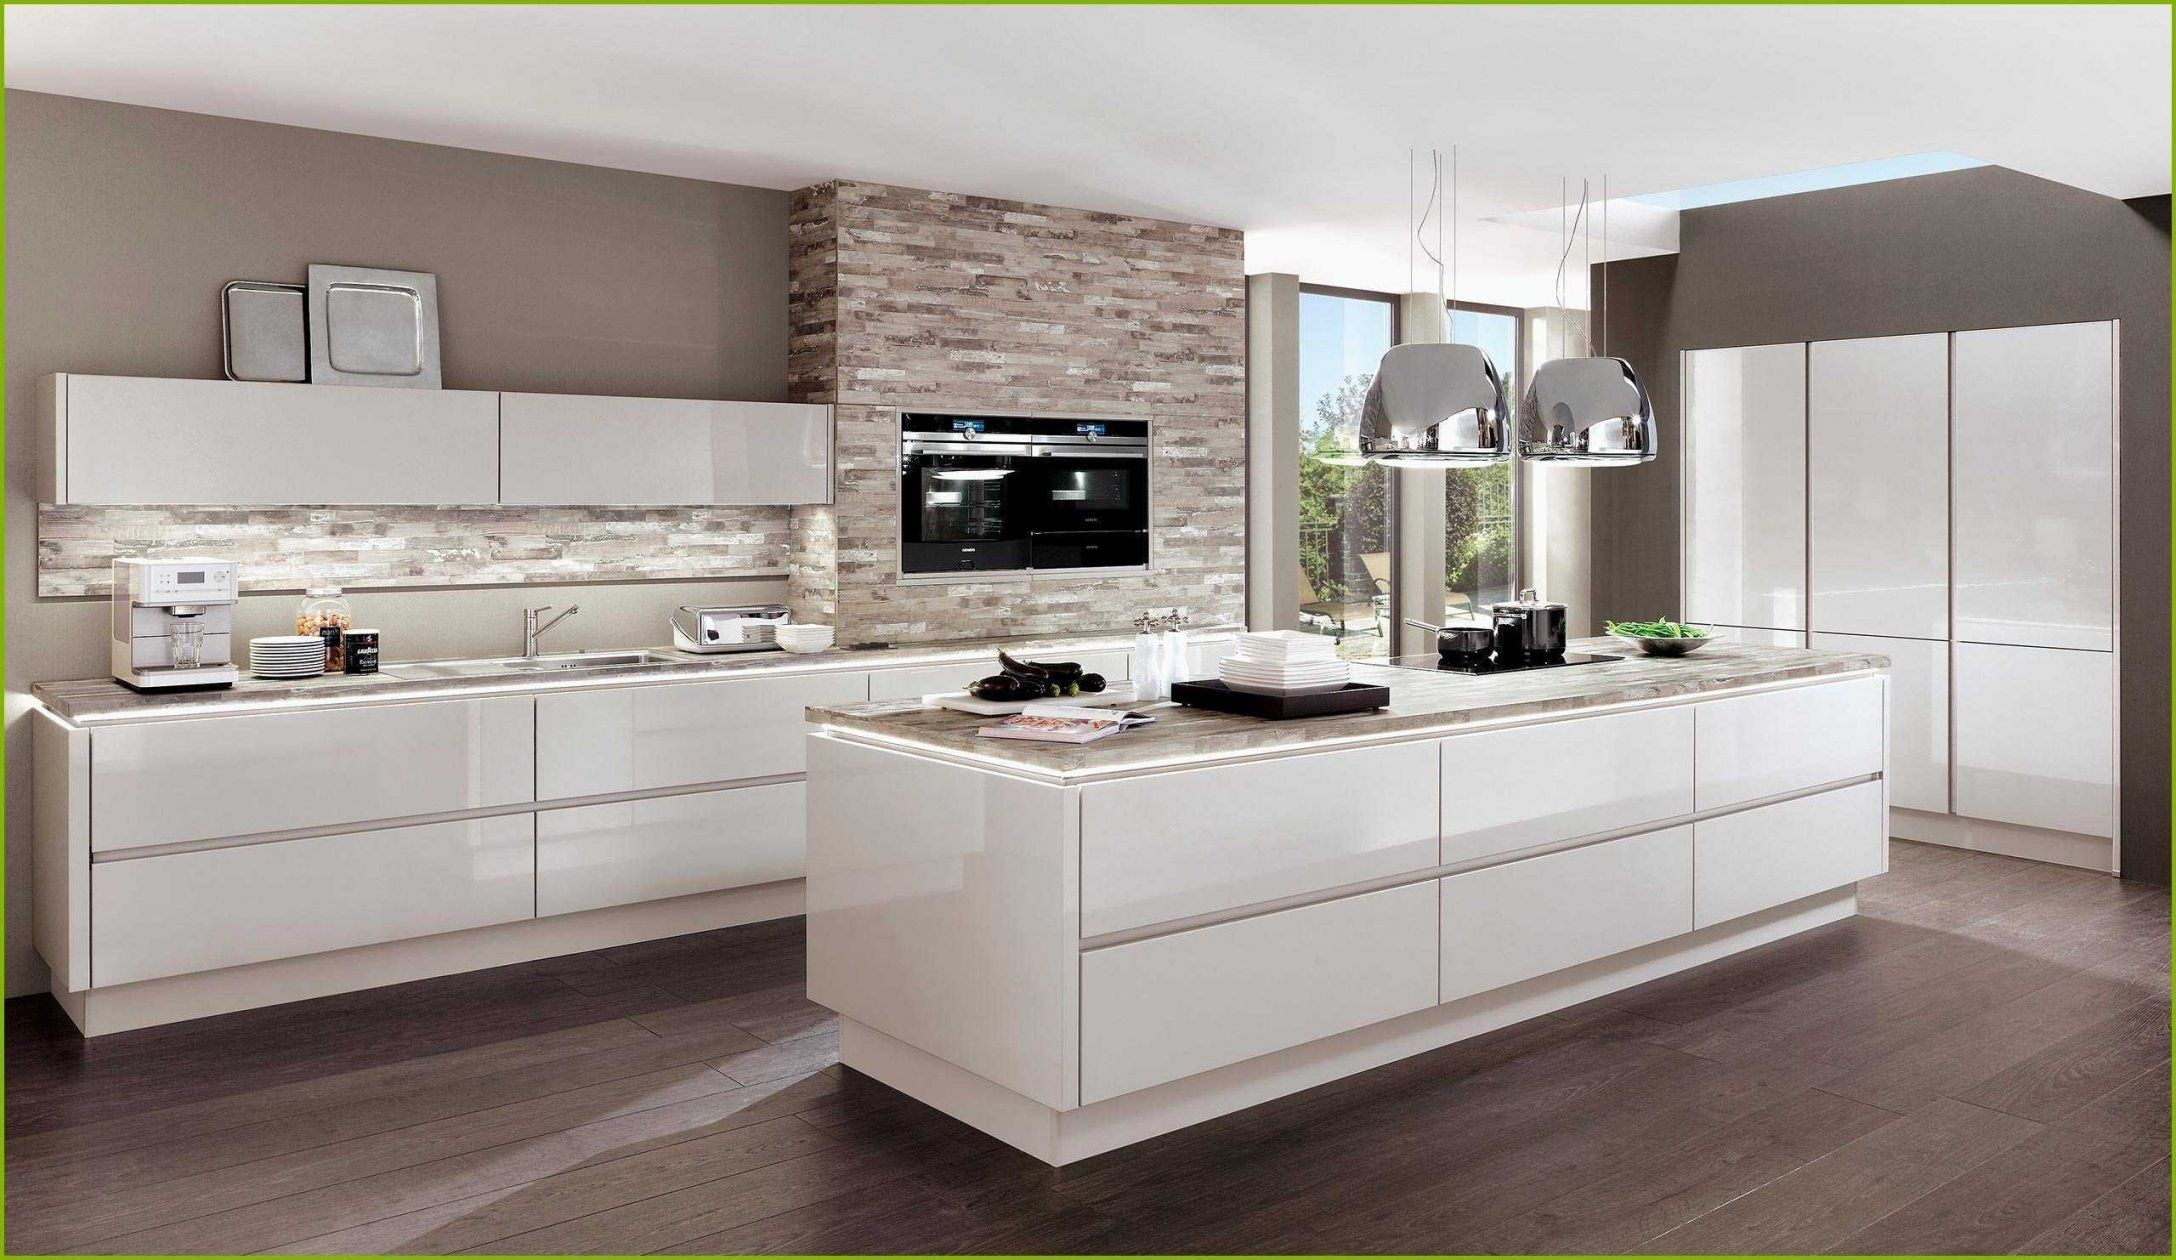 Wohnideen Kuche Weis Ohne Griffe Zusammen Einzigartig Ikea Kuche Von Ikea Kuche Ohne Griffe Bild Nobilia Kitchen Home Kitchens Luxury Kitchens